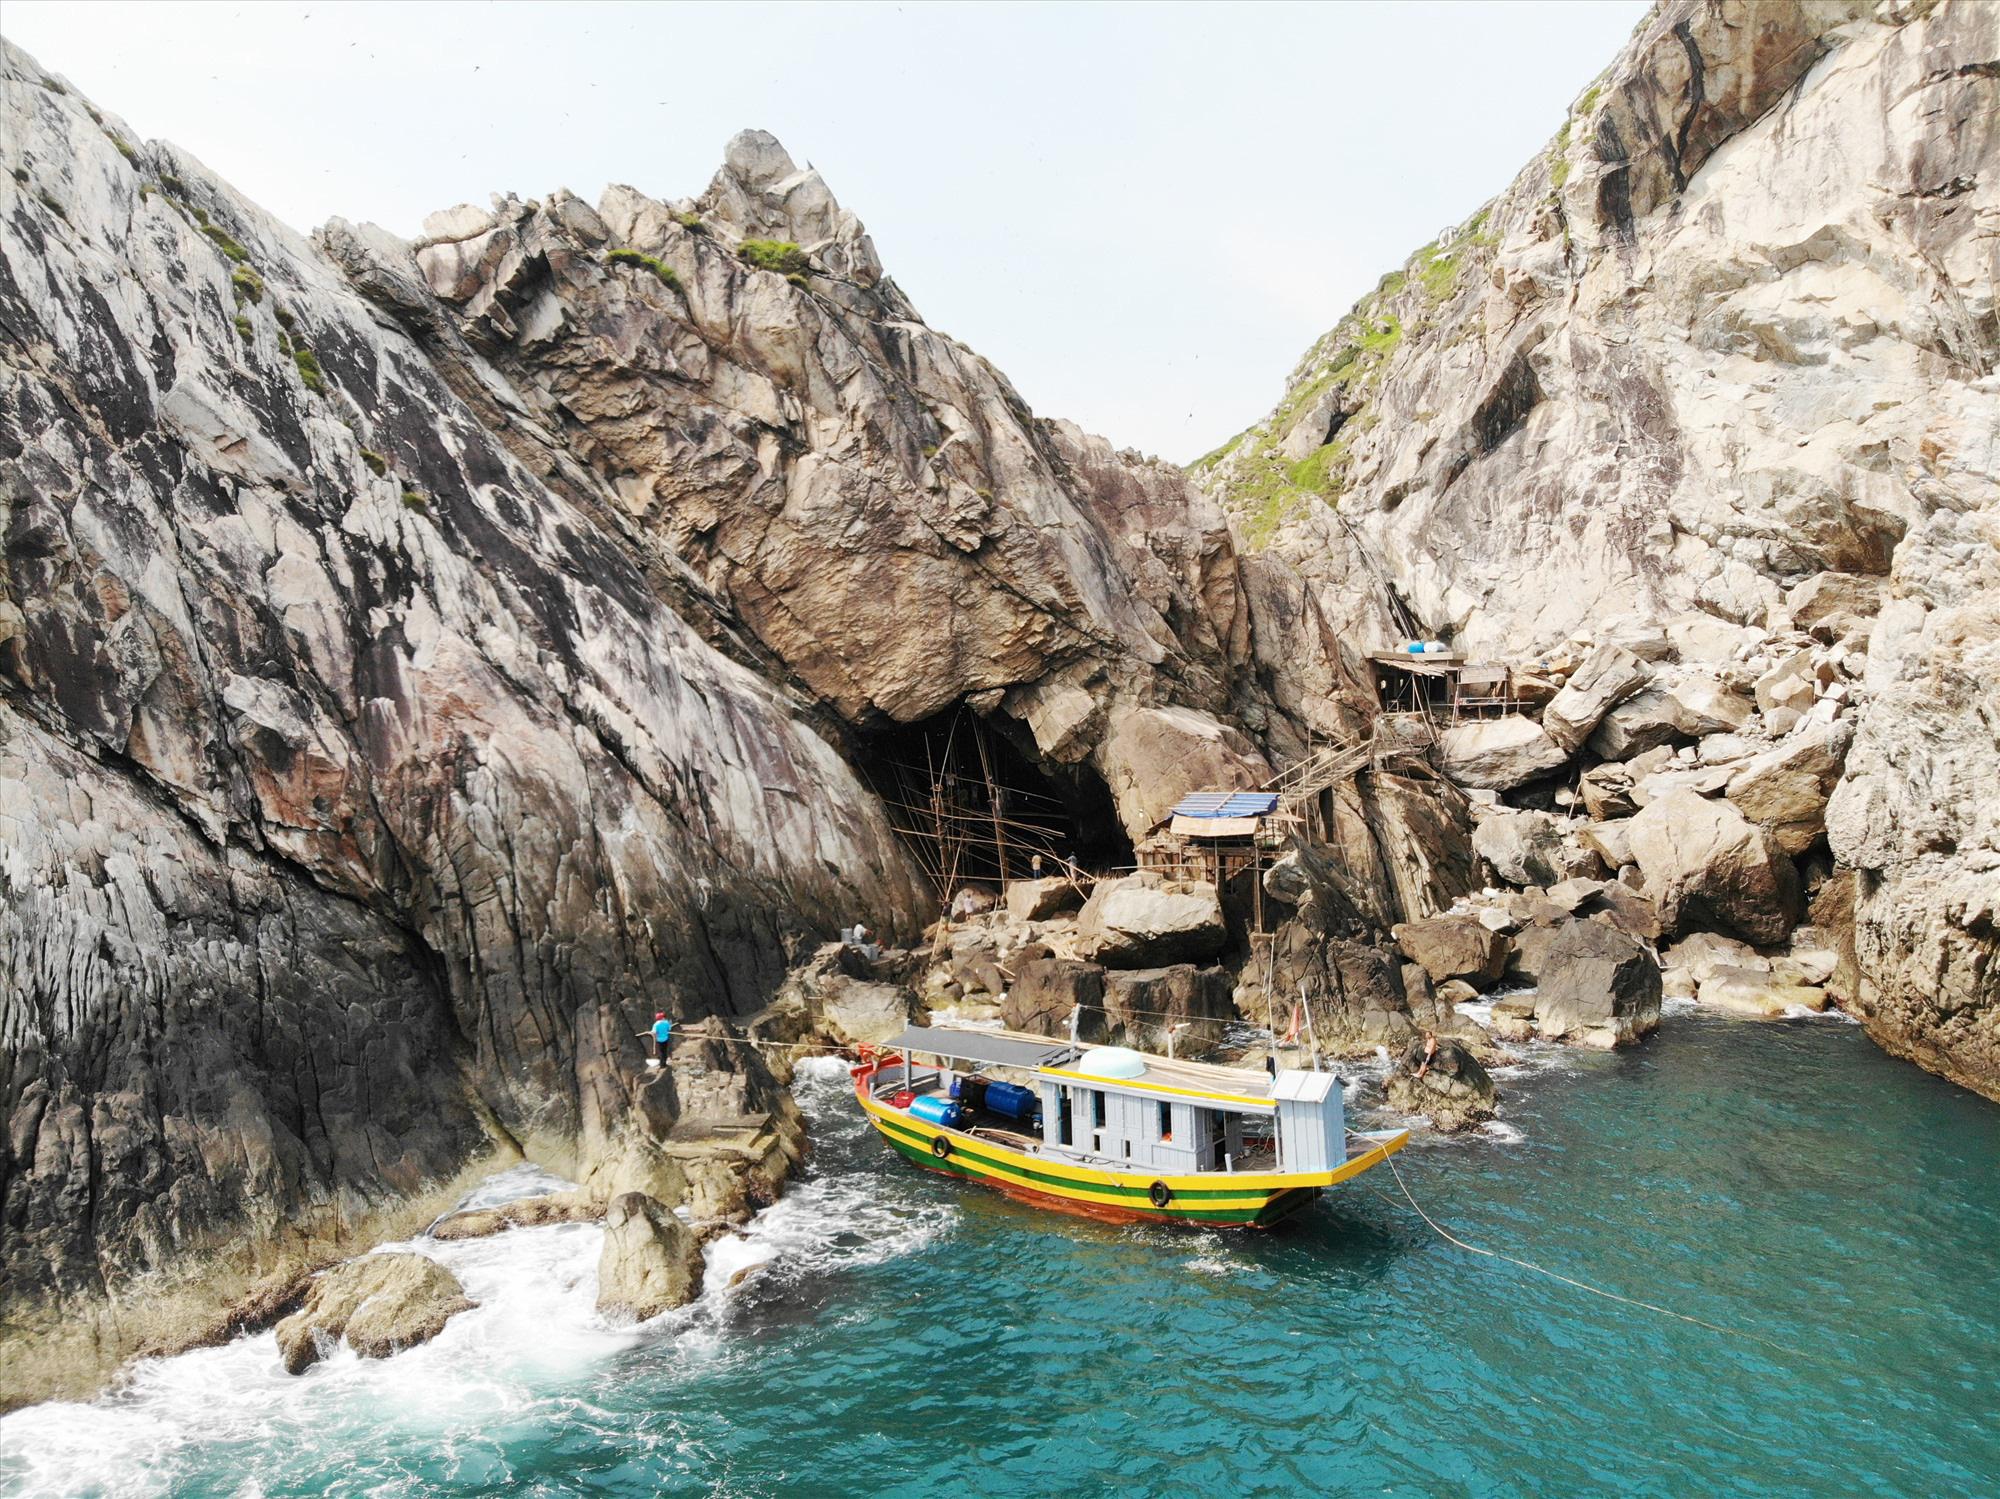 Quảng Nam: Sống đời cheo leo vách núi chăm chim tiền tỷ ở biển Cù Lao Chàm - Ảnh 6.